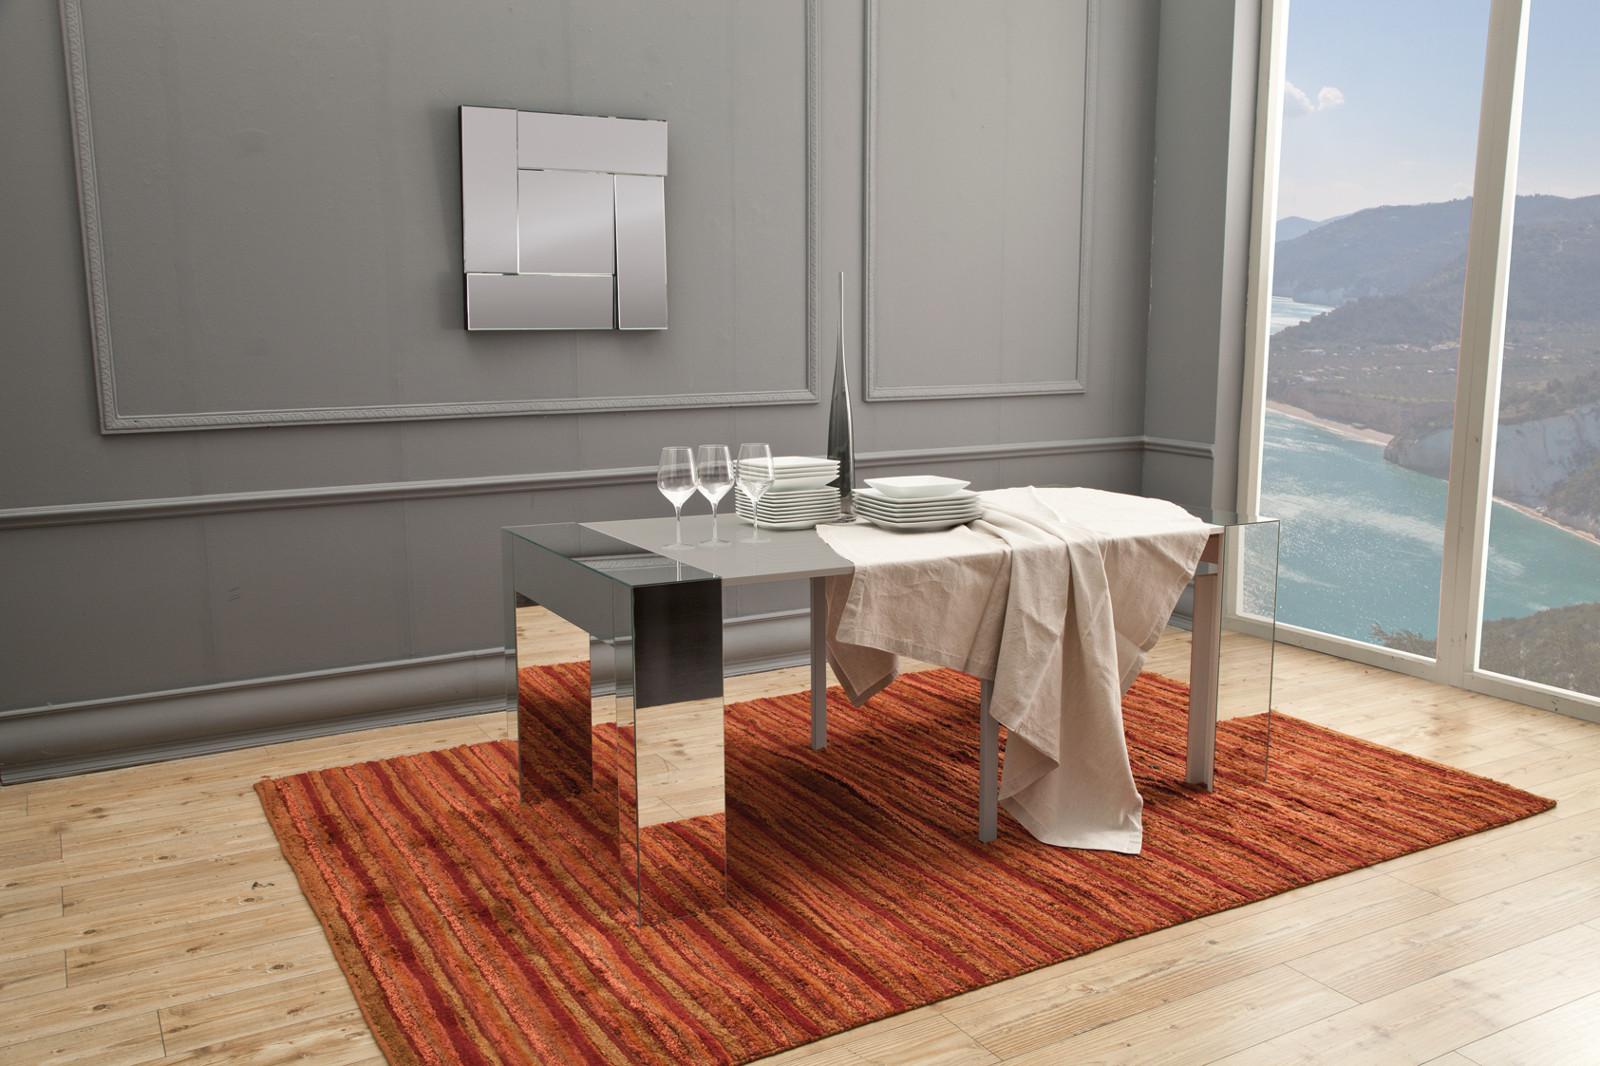 Consolle allungabile a specchio vanity tavolo allungabile for Biesse arredamenti